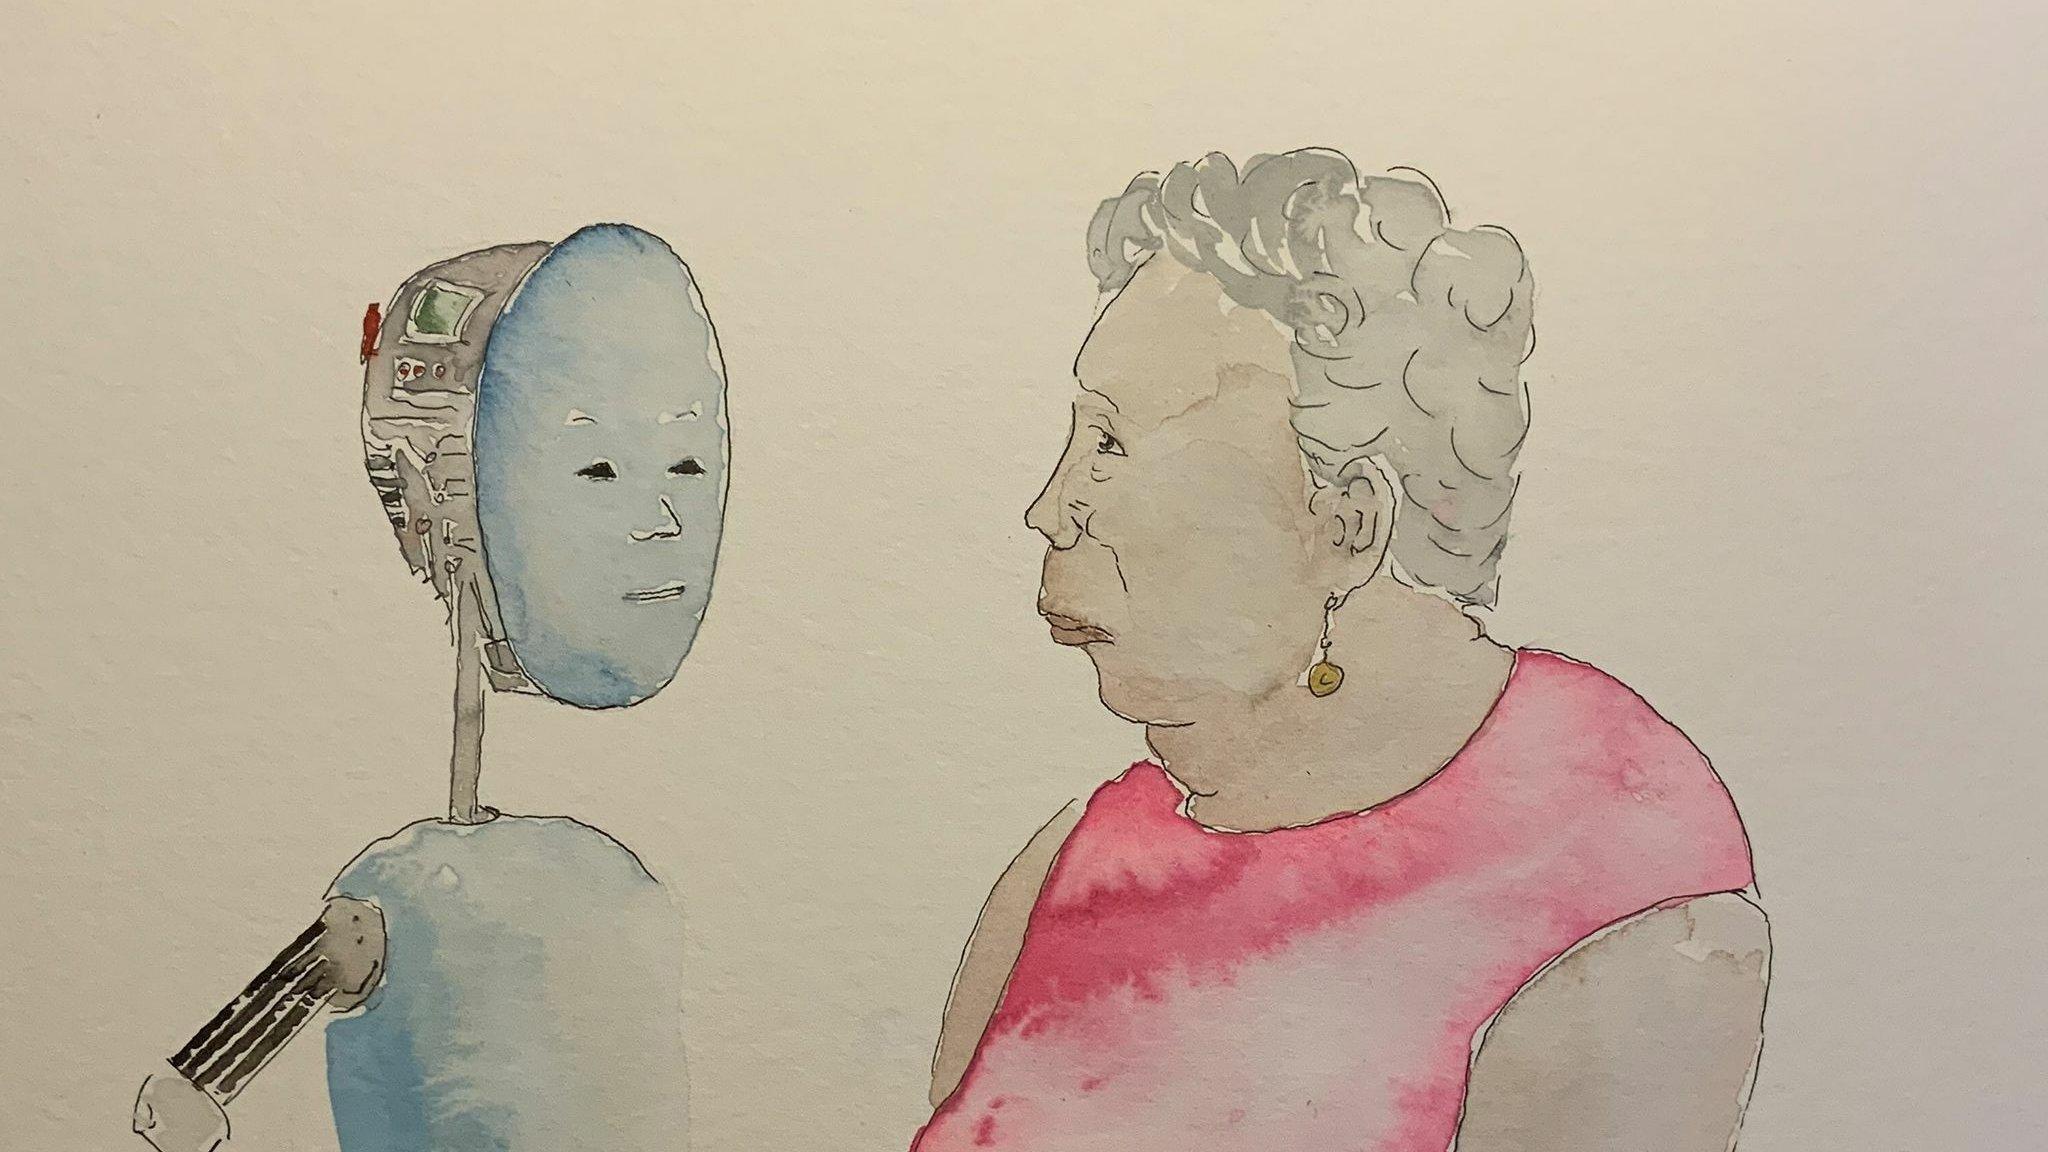 Die Zeichnung zeigt eine alte Dame, die einen Roboter mit einem menschlichen Gesicht anschaut.